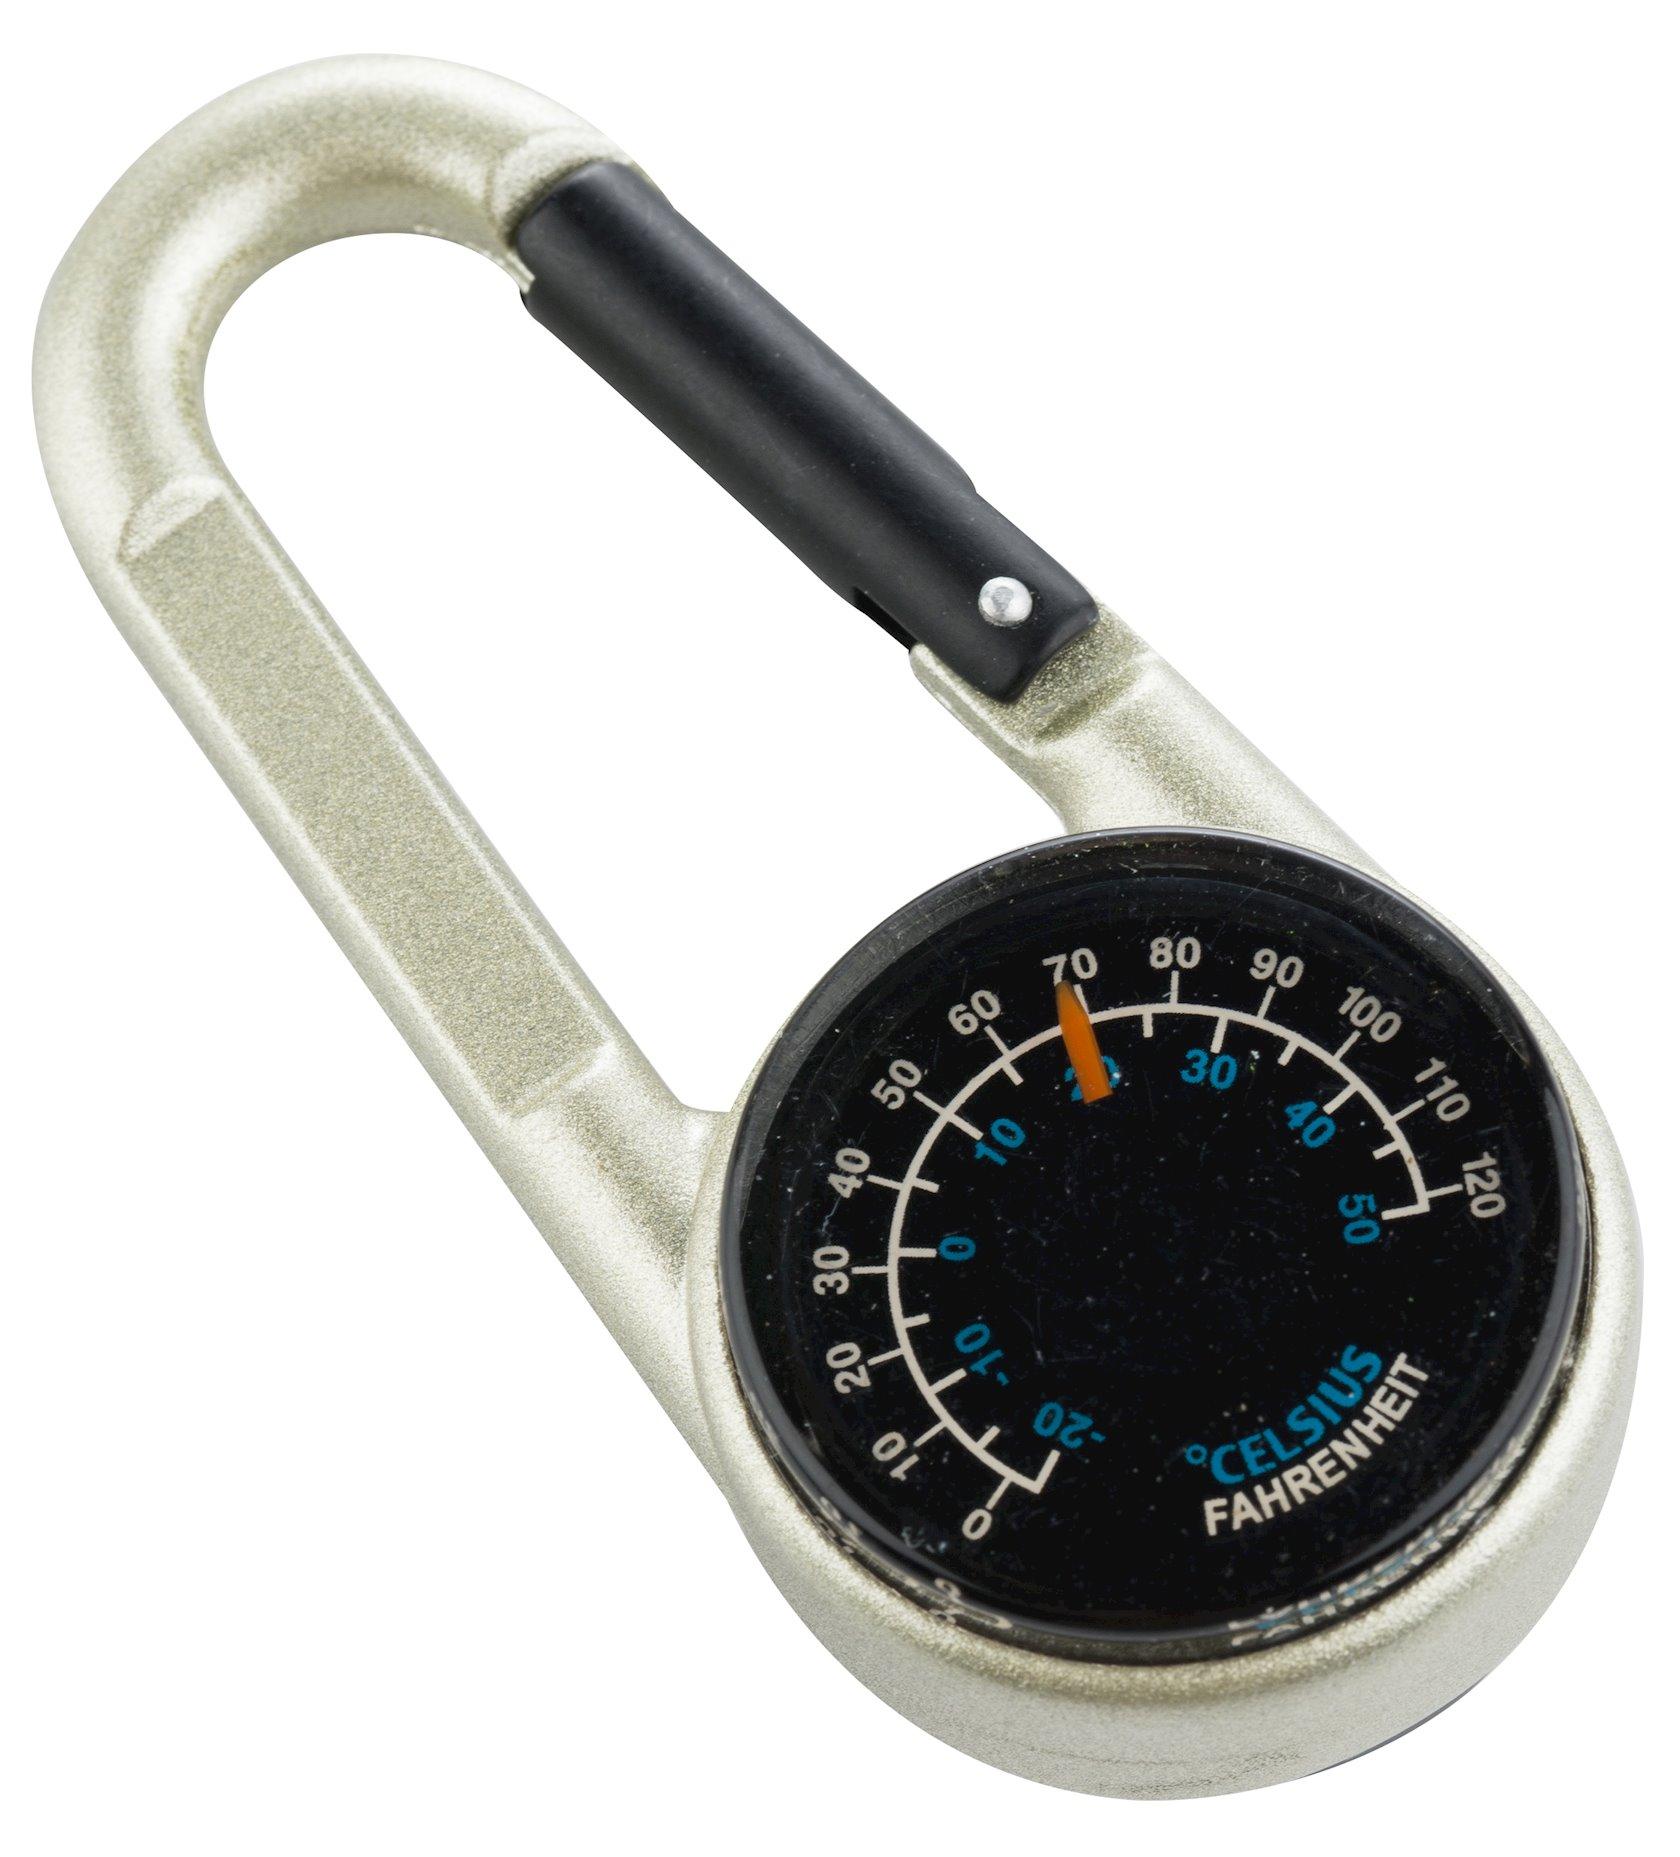 Çoxfunksiyalı brelok Munkees 3135 kompas və termometr ilə, 80 mm, Gümüşü